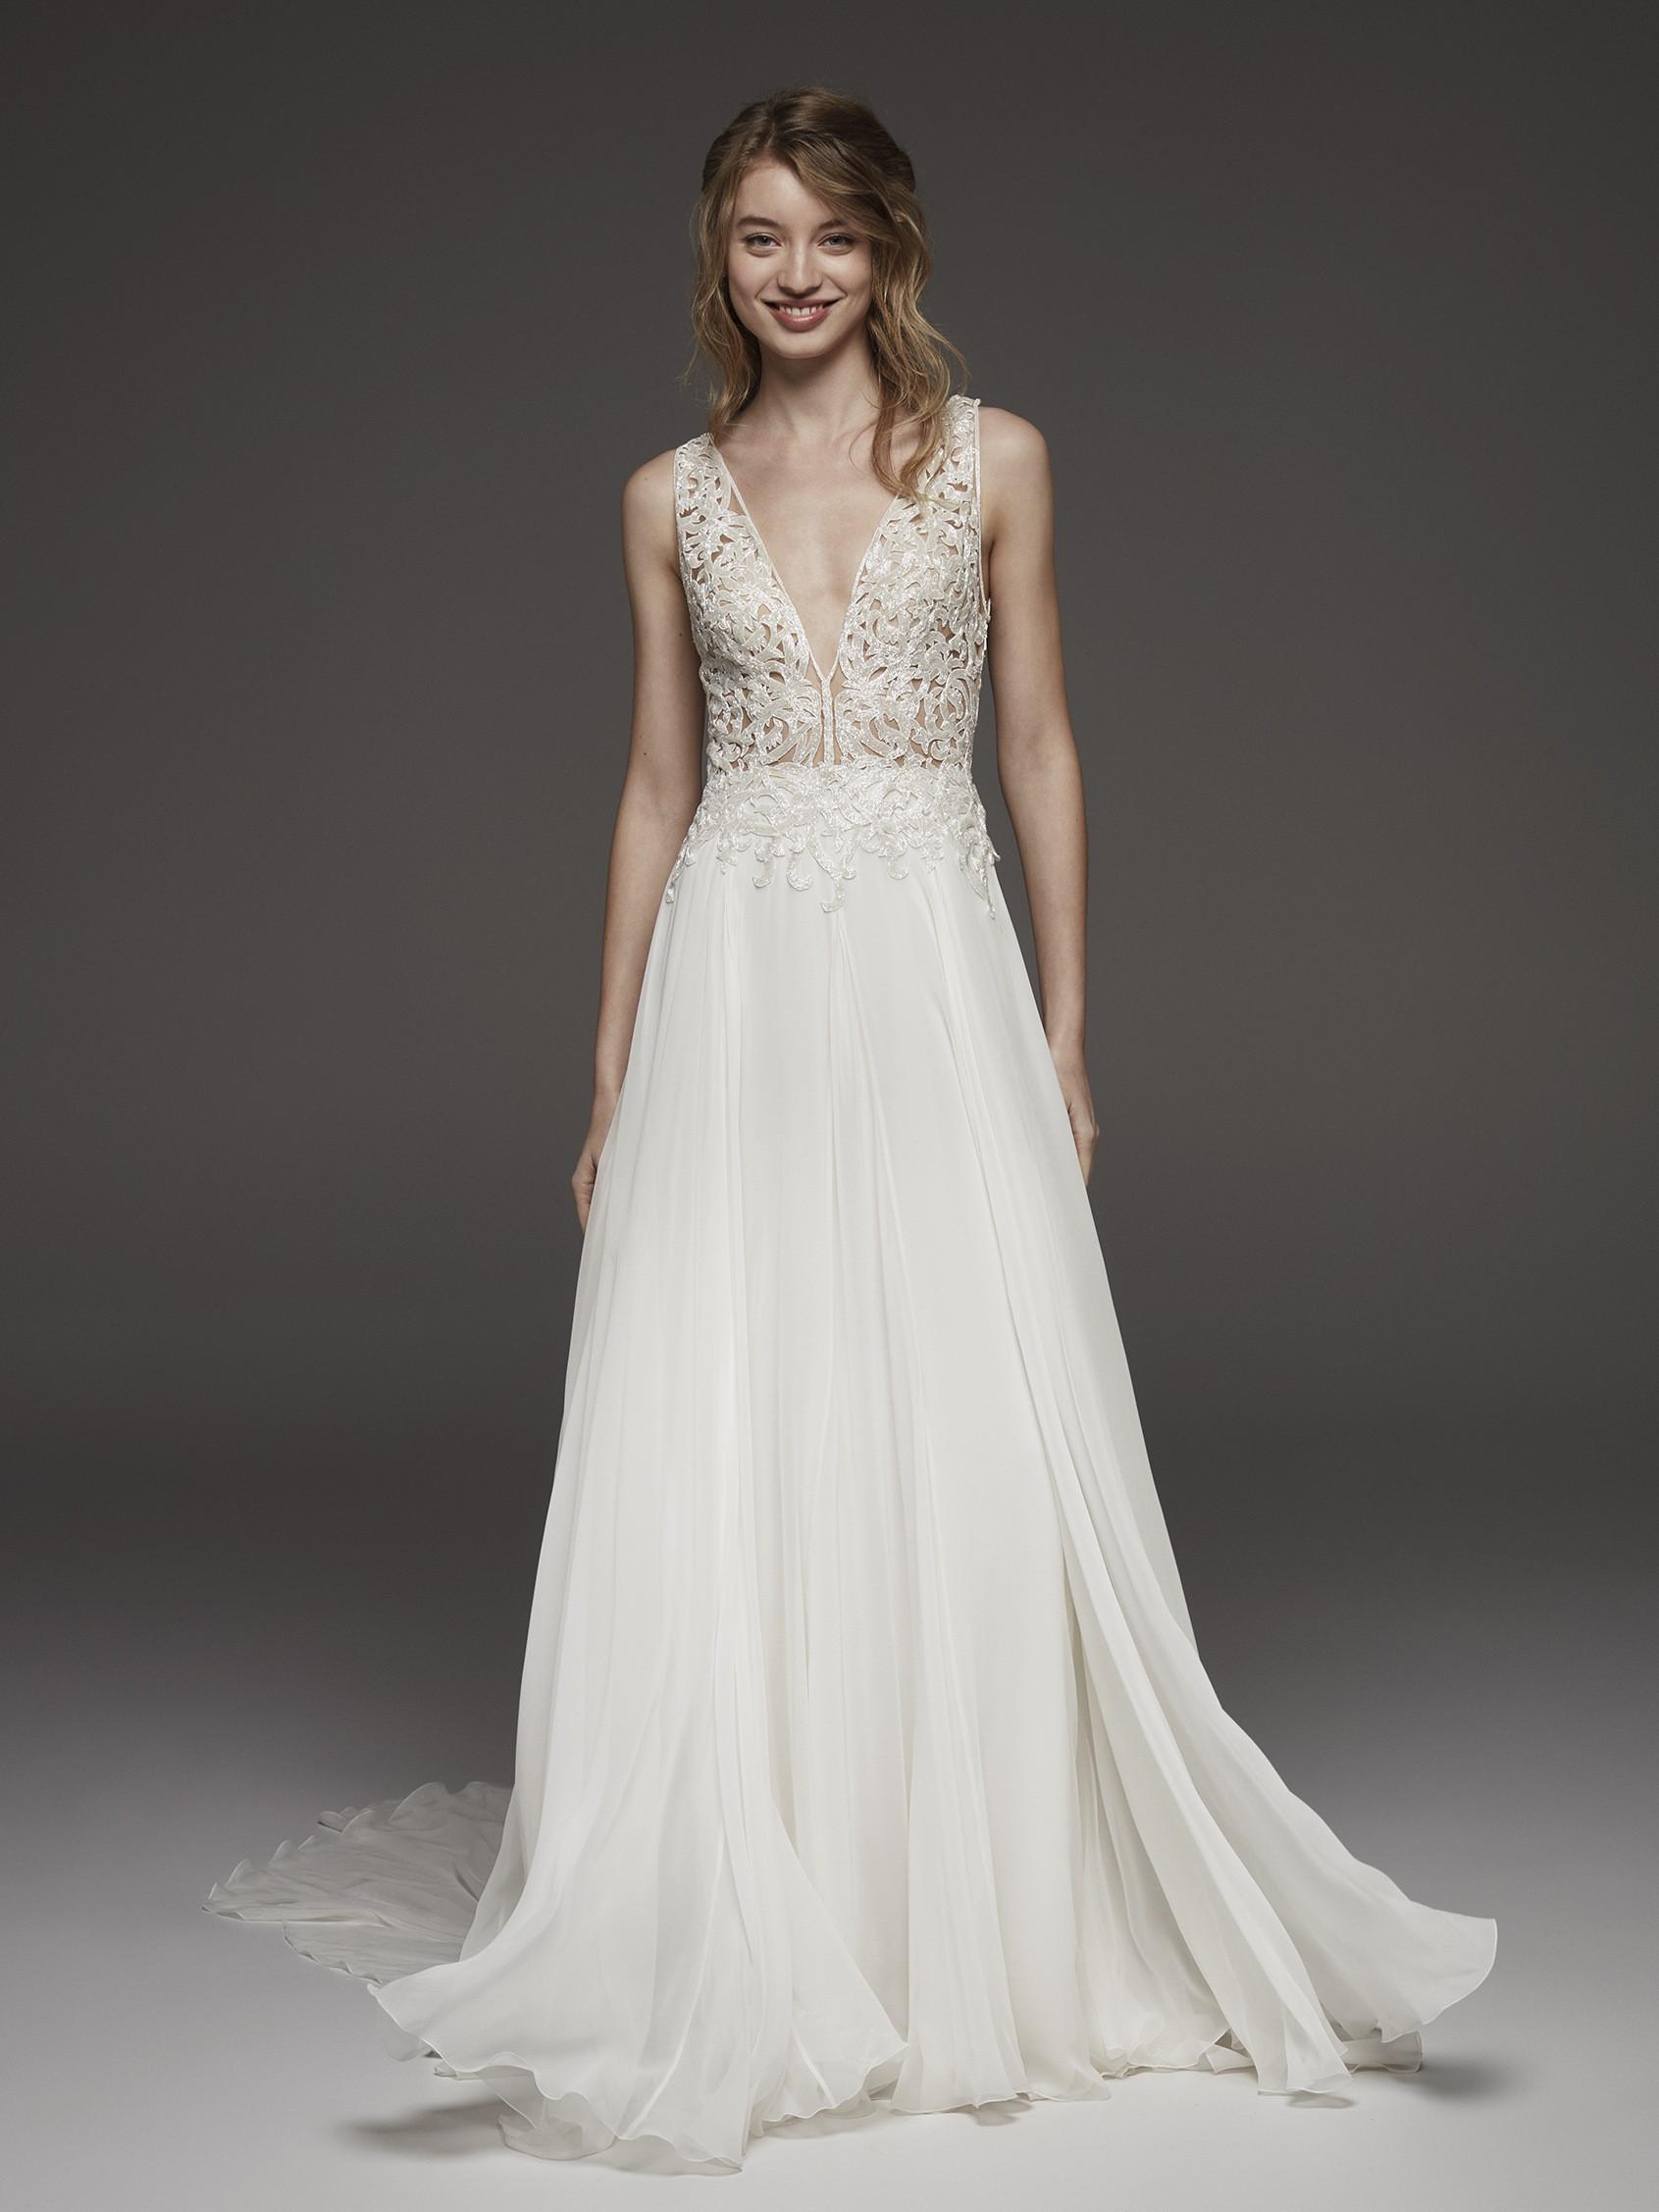 Floral Applique V-neck Bodice A-line Wedding Dress   Kleinfeld Bridal